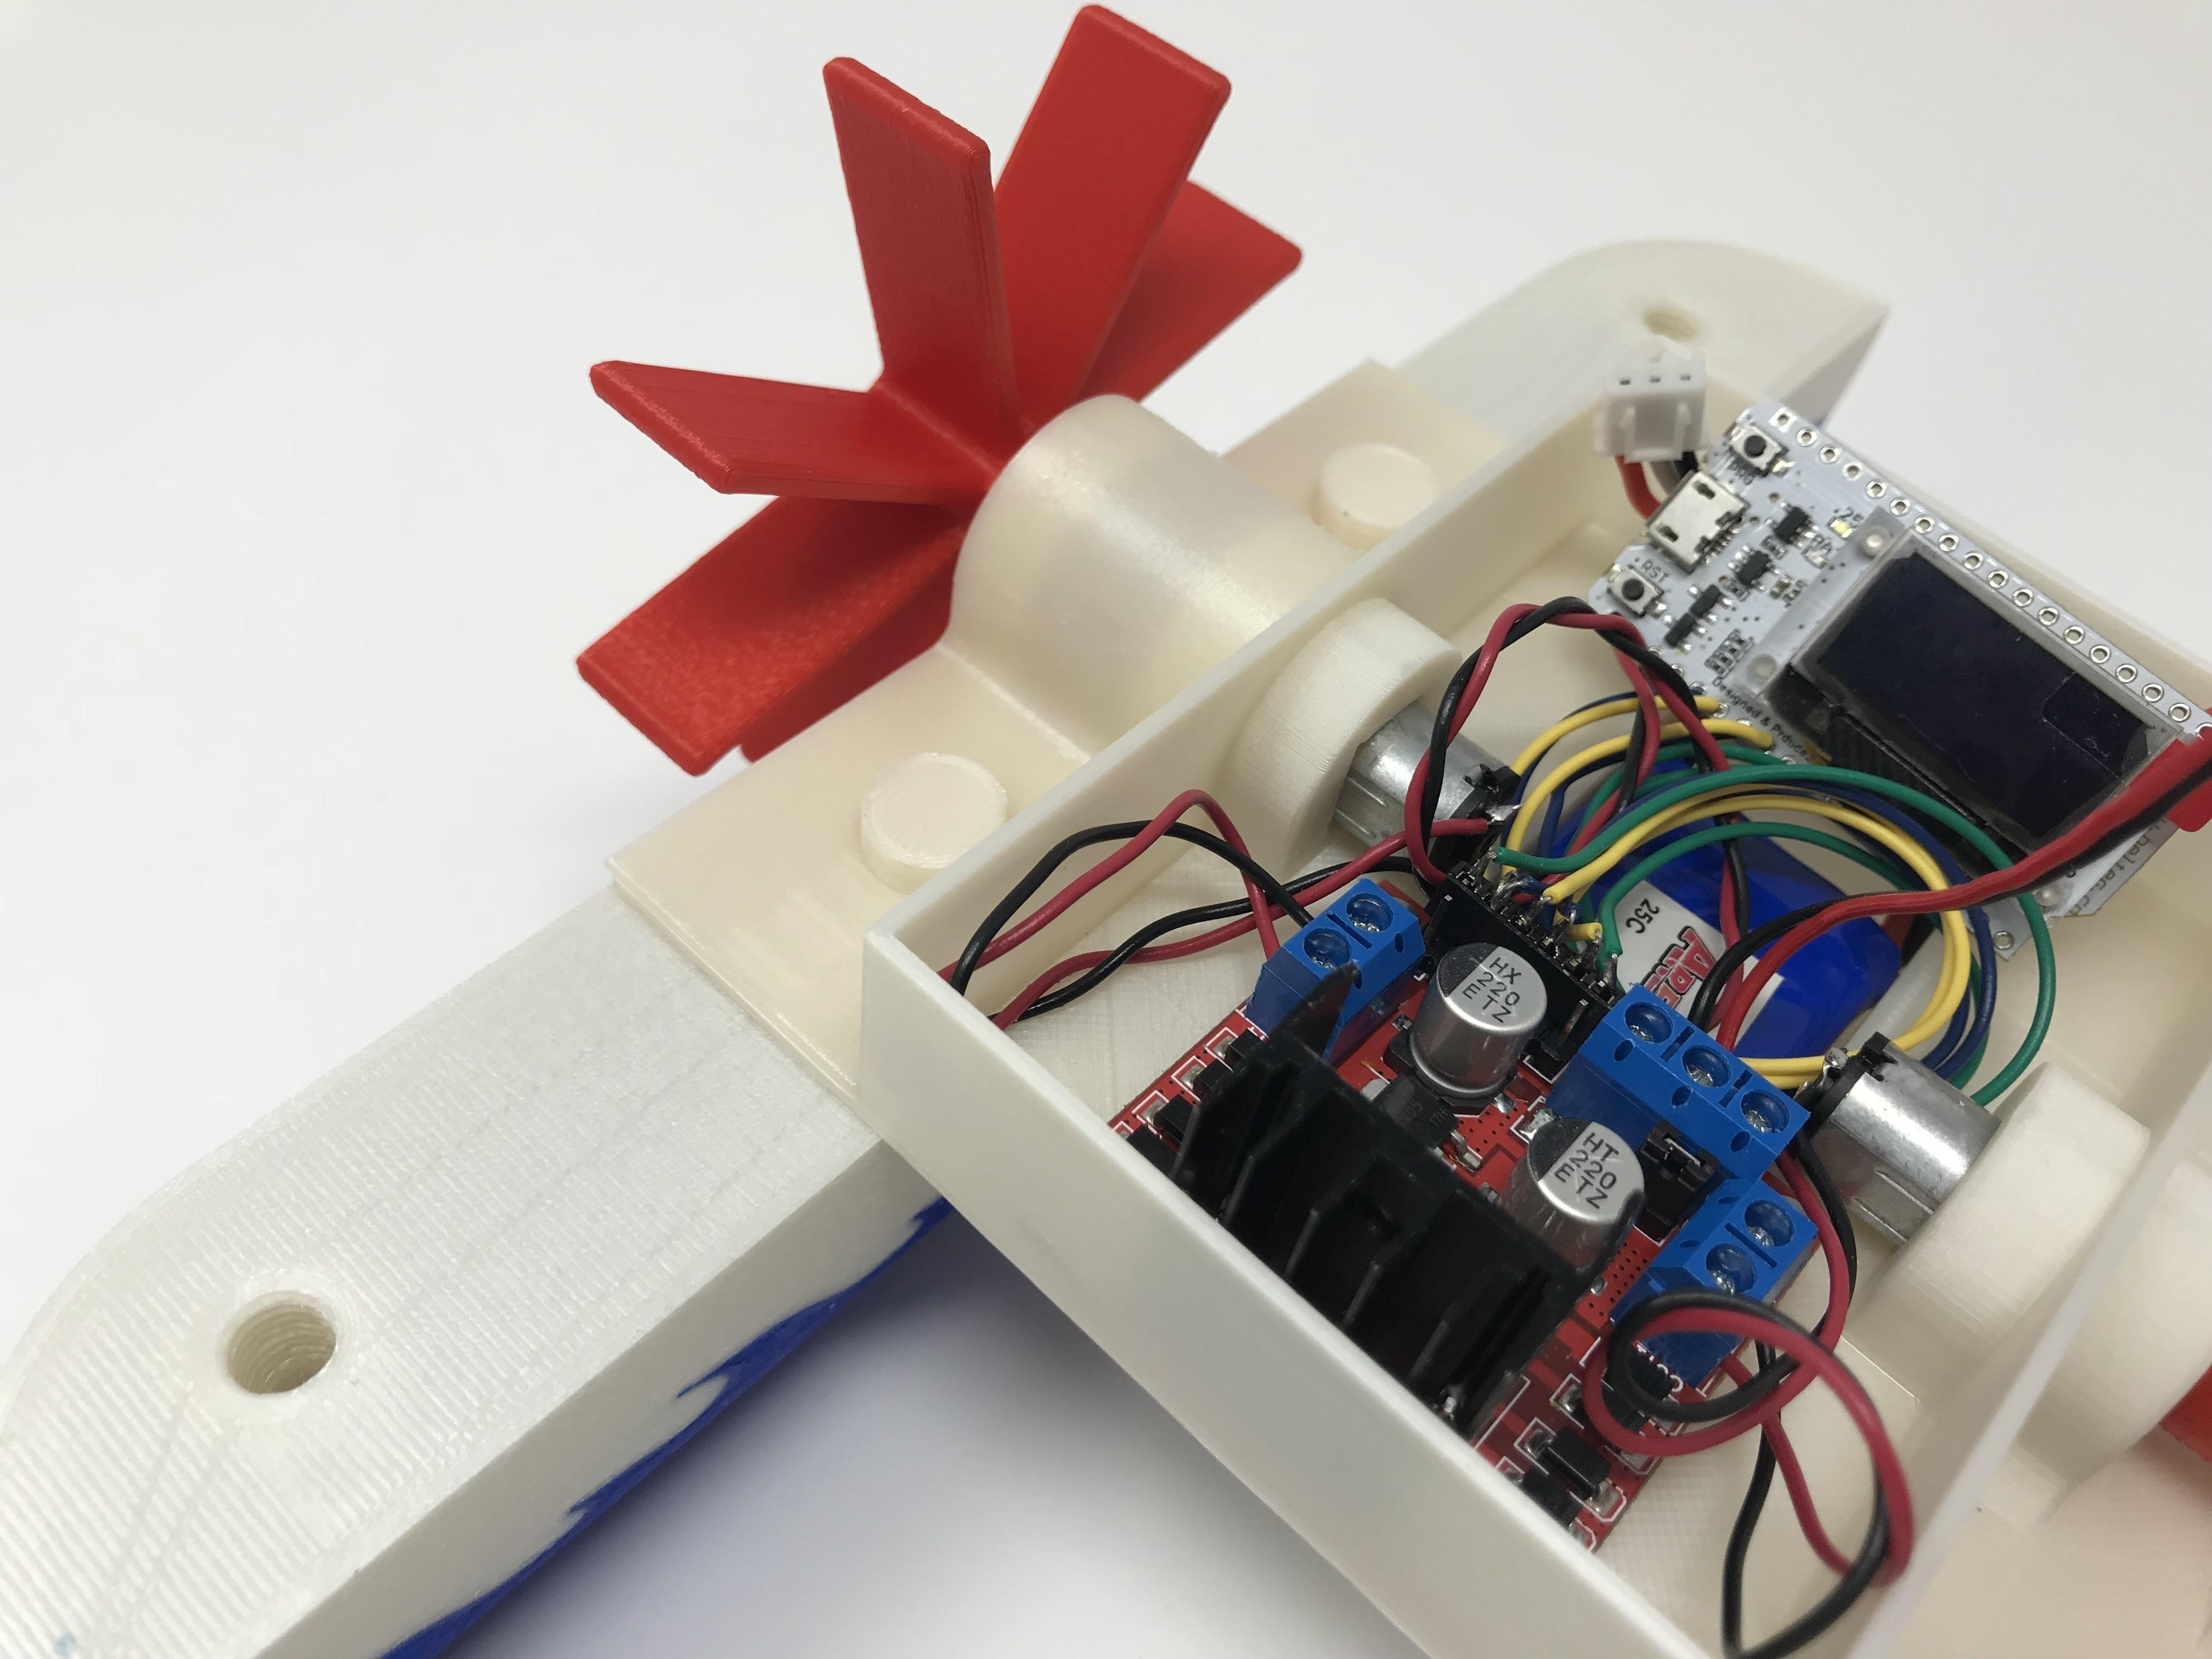 IMG_0828.jpg Download free STL file WiFi Paddle Boat • 3D printing design, gzumwalt